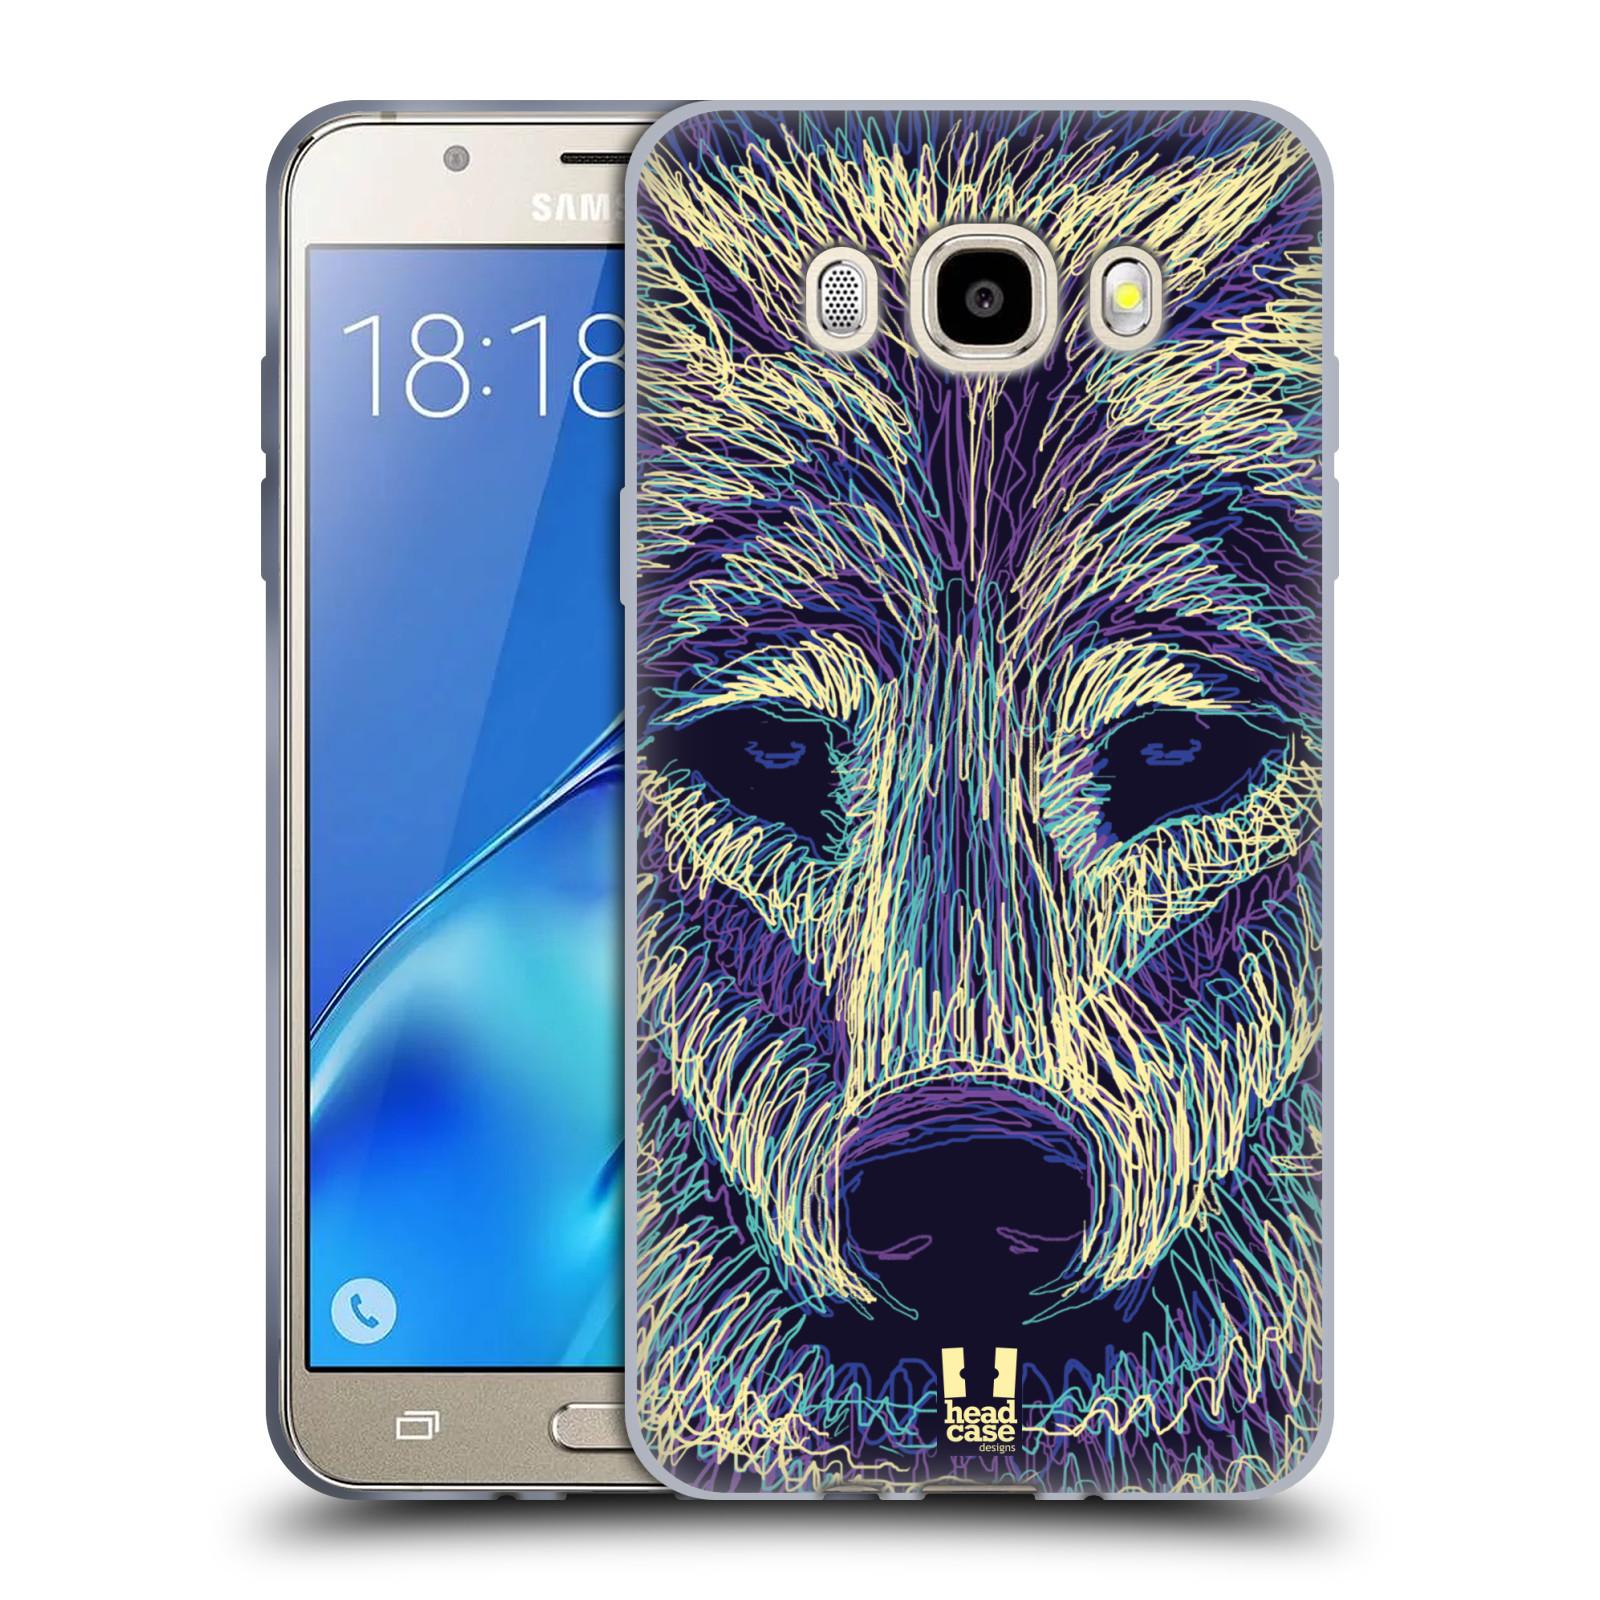 HEAD CASE silikonový obal, kryt na mobil Samsung Galaxy J5 2016, J510, J510F, (J510F DUAL SIM) vzor zvíře čmáranice vlk